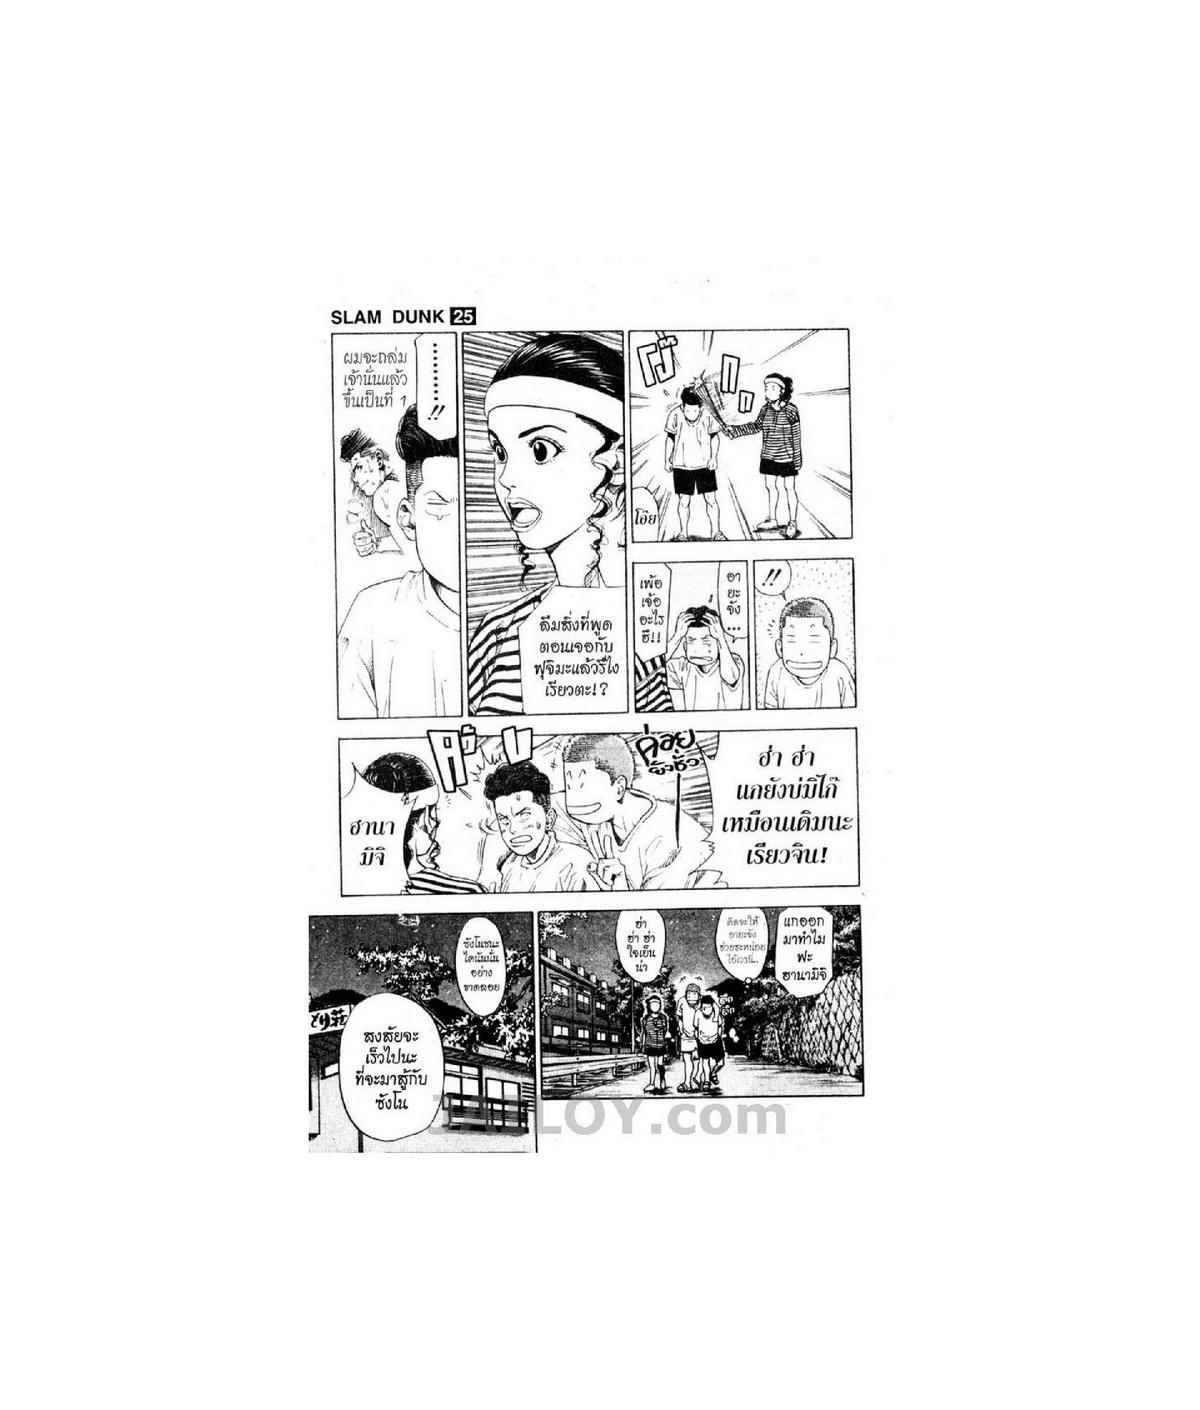 Slam Dunk สแลมดังก์ ตอนที่ [ 25 ] ⋆ อ่านการ์ตูนแปลไทย ฟรีๆ